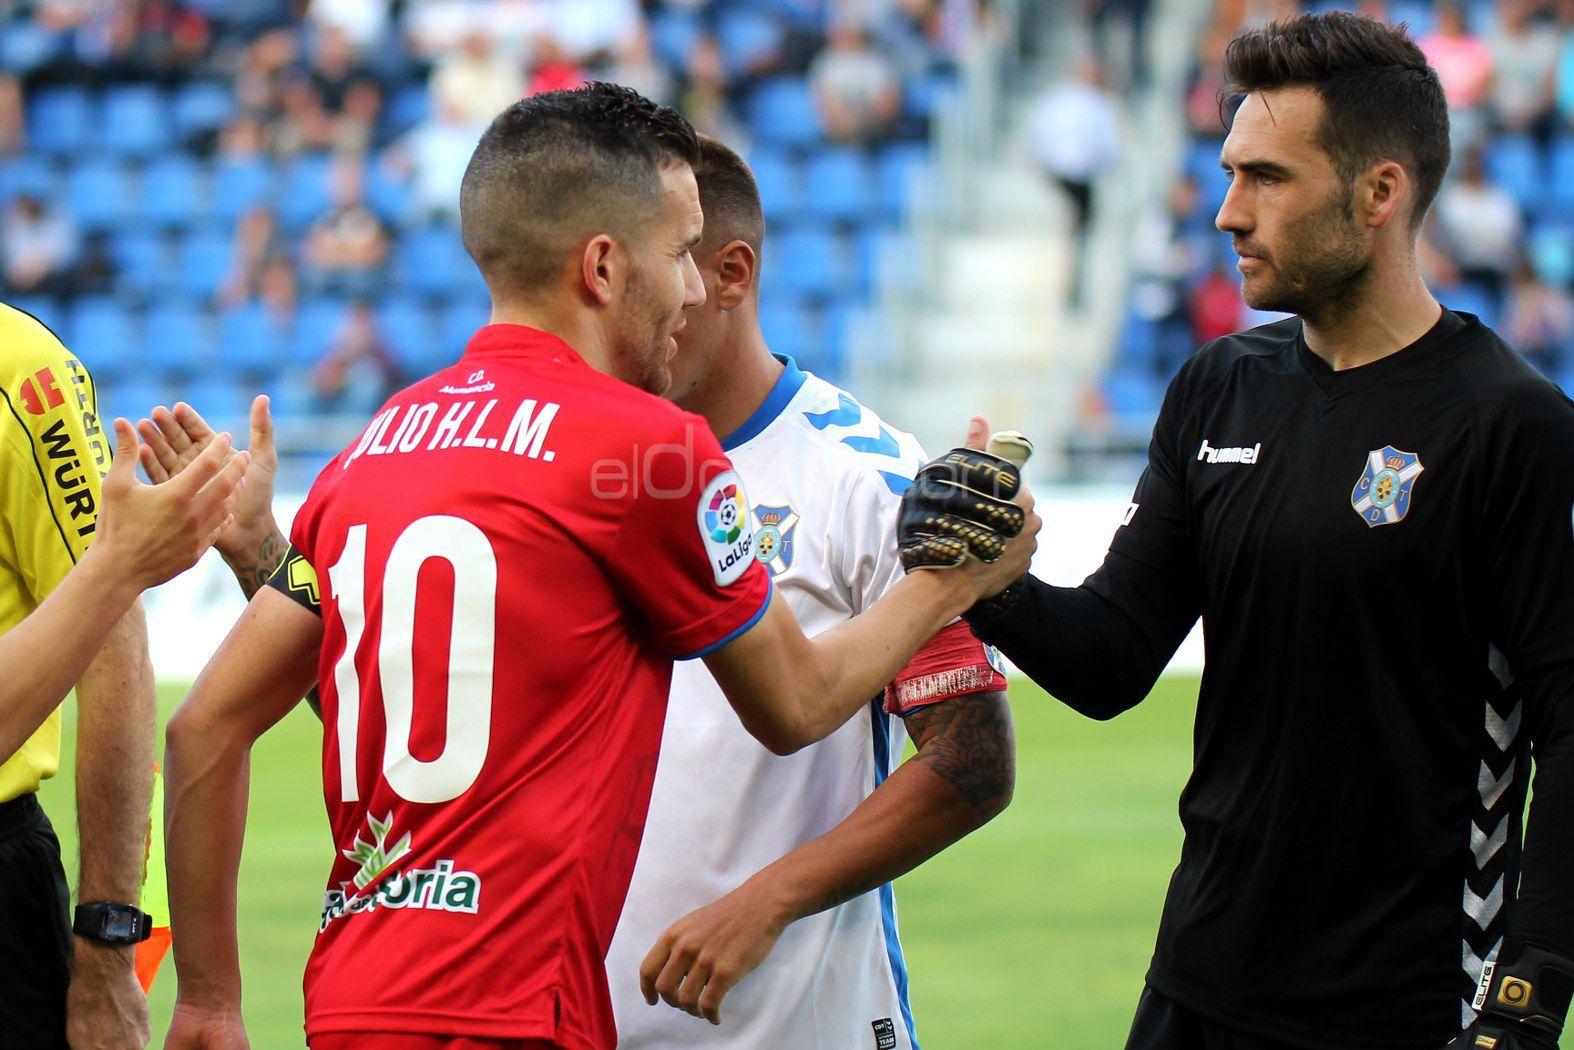 El lateral madrileño estuvo elegante y no quiso contestar a Julio Álvarez | @jacfotografo